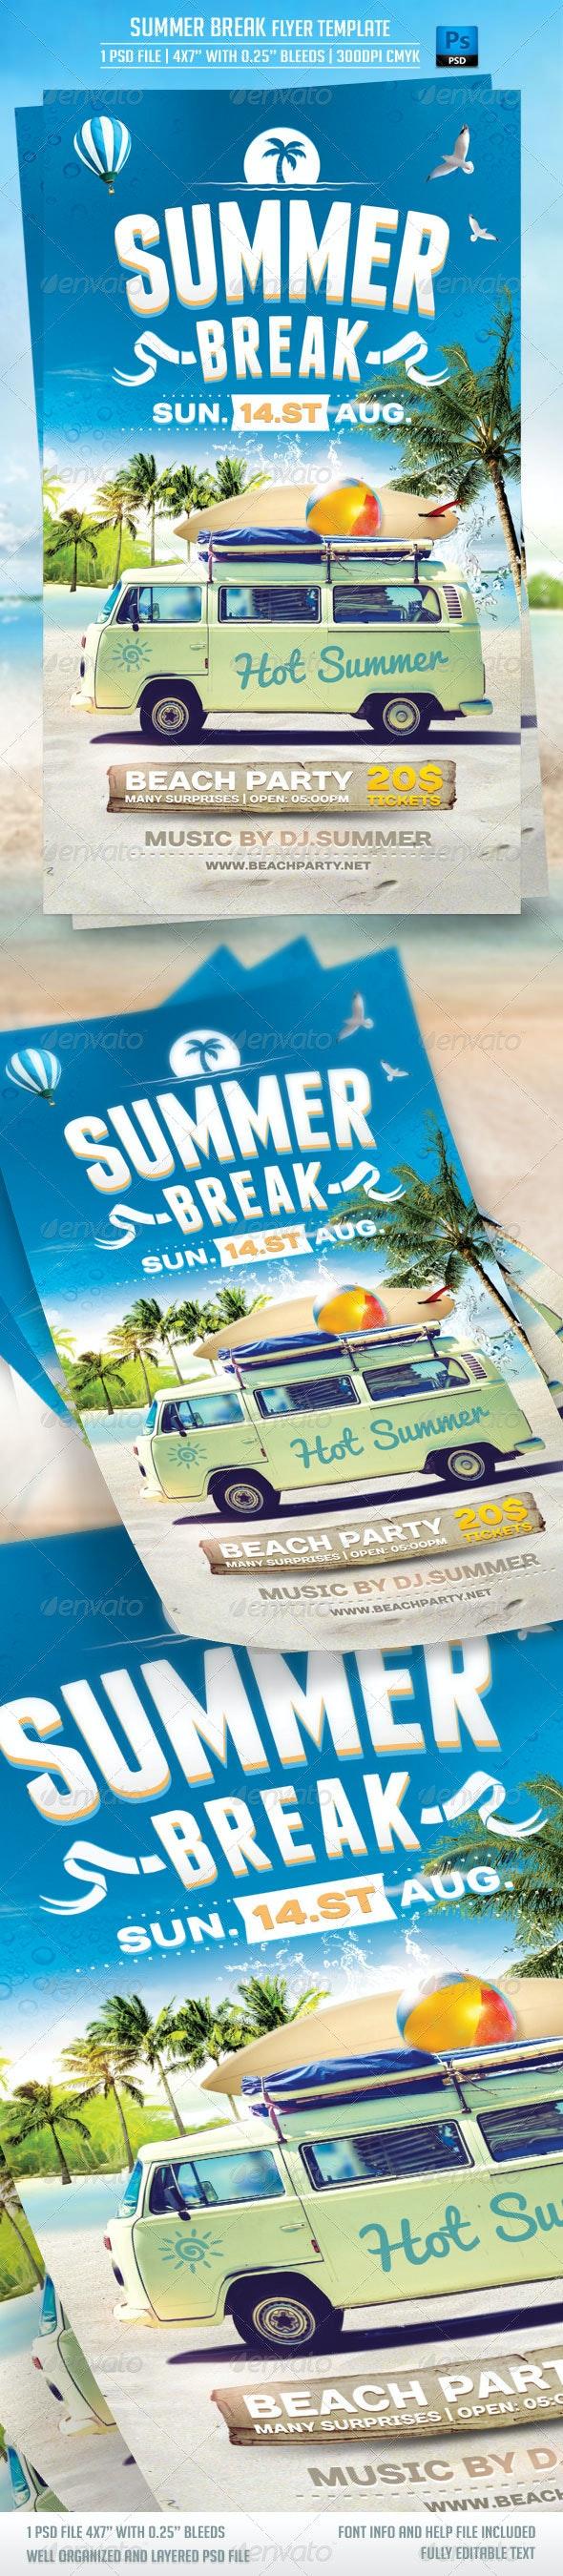 Summer Break Flyer Template - Print Templates